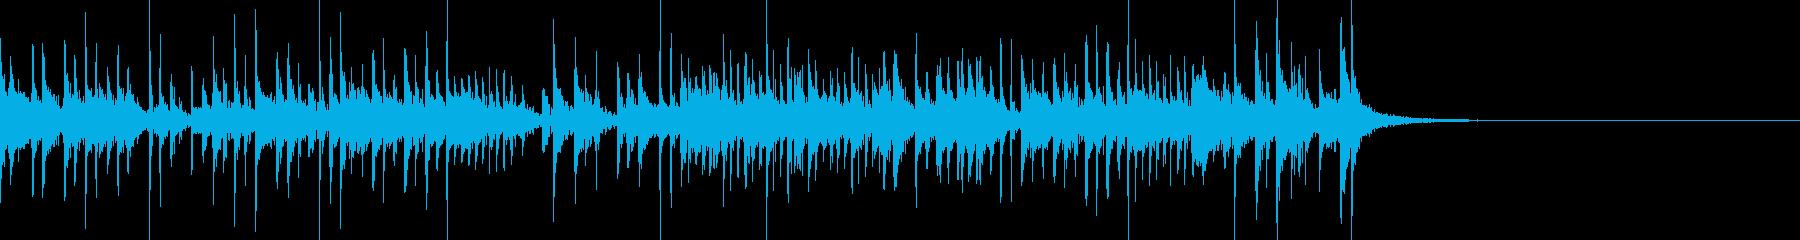 アップテンポなファンキードラムの再生済みの波形